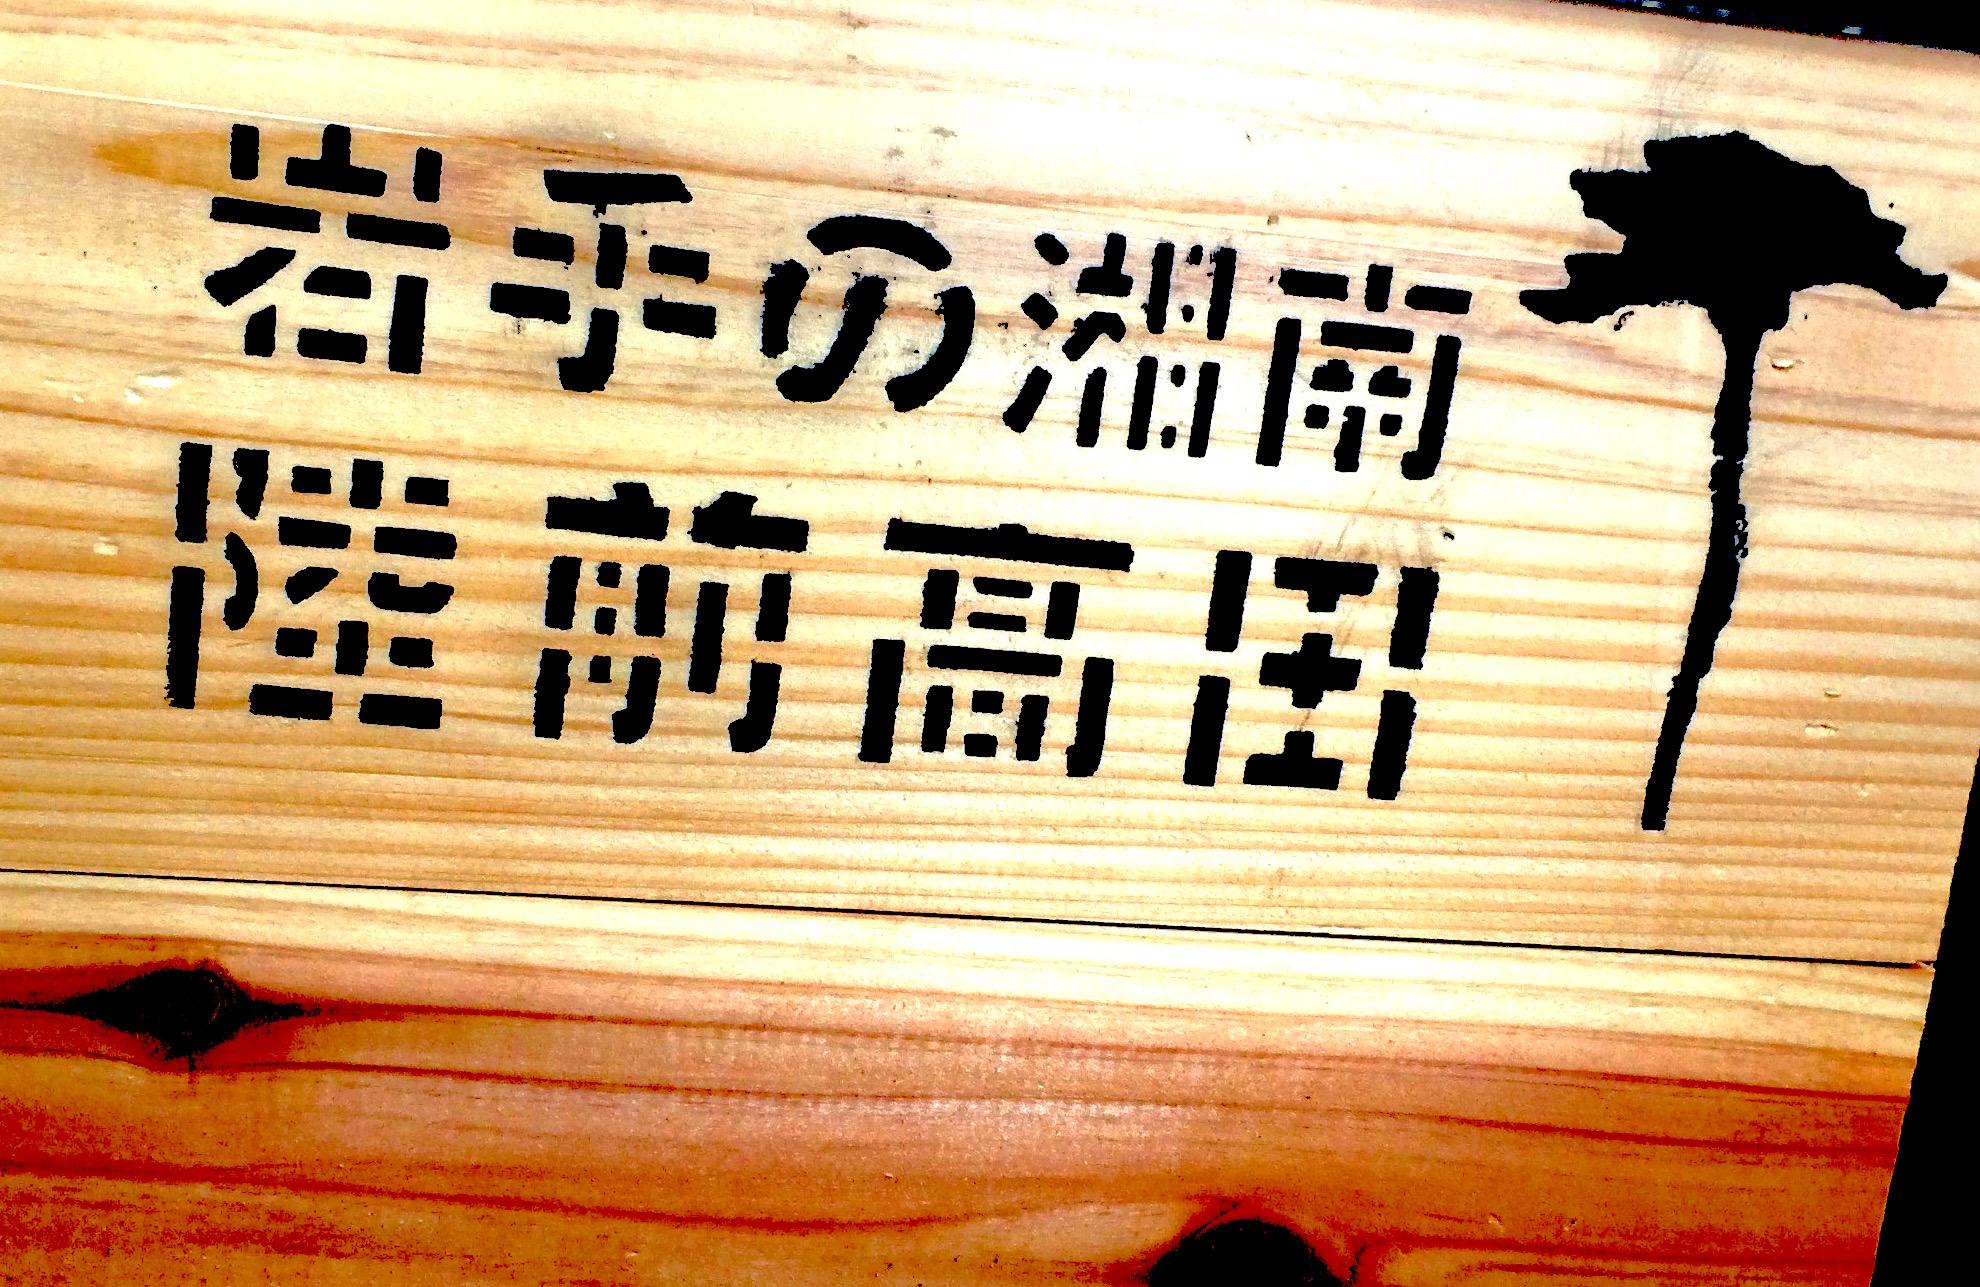 キエーロがキタ!10/30(金)午前のシンポジウムでファシリテーター出番